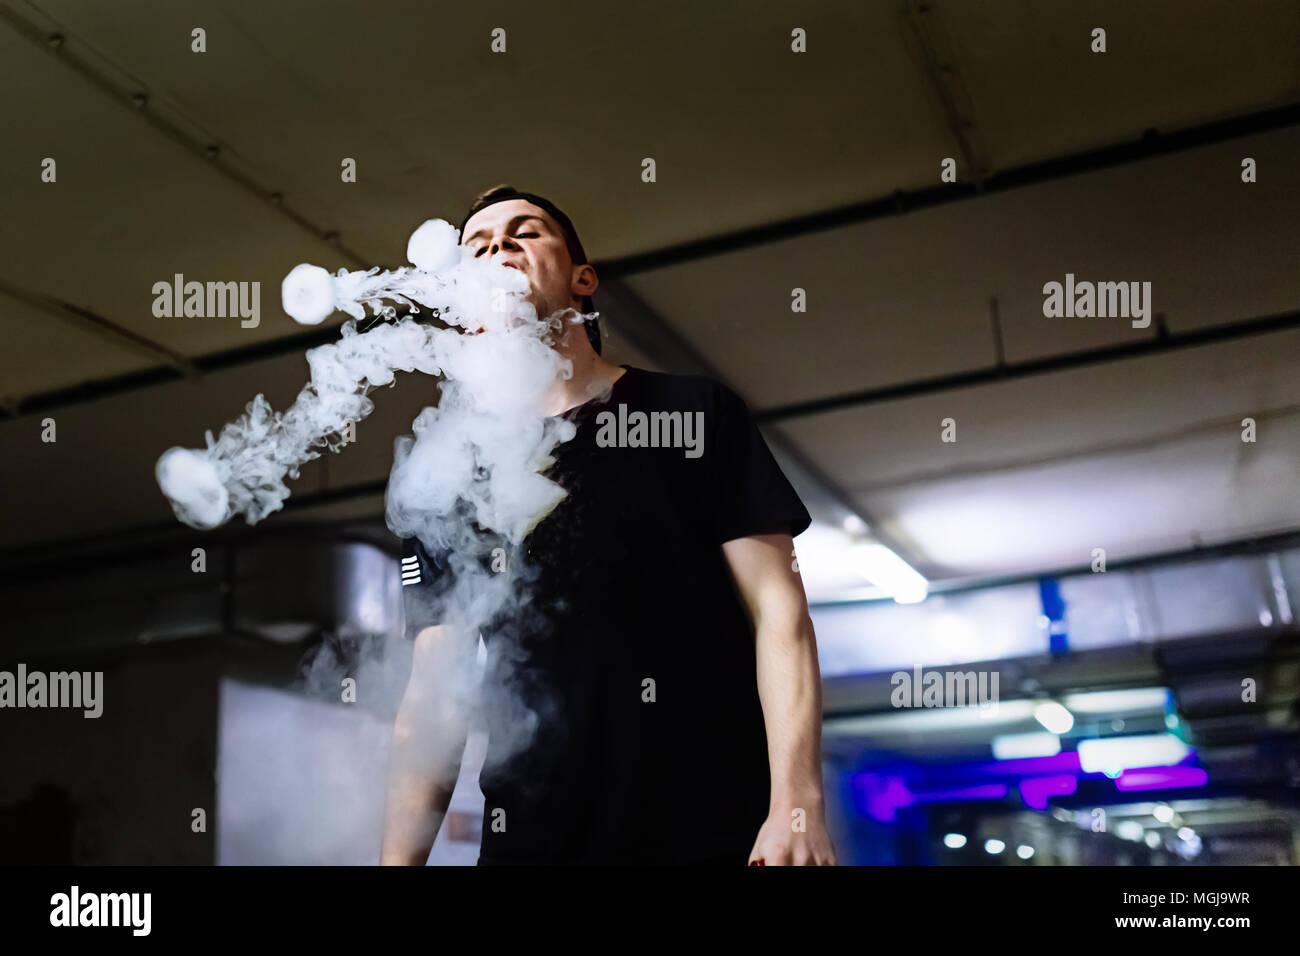 Mann in Gap Rauch eine elektronische Zigarette und Releases Wolken von Dampf Ausführen verschiedener Art vaping Tricks Stockbild